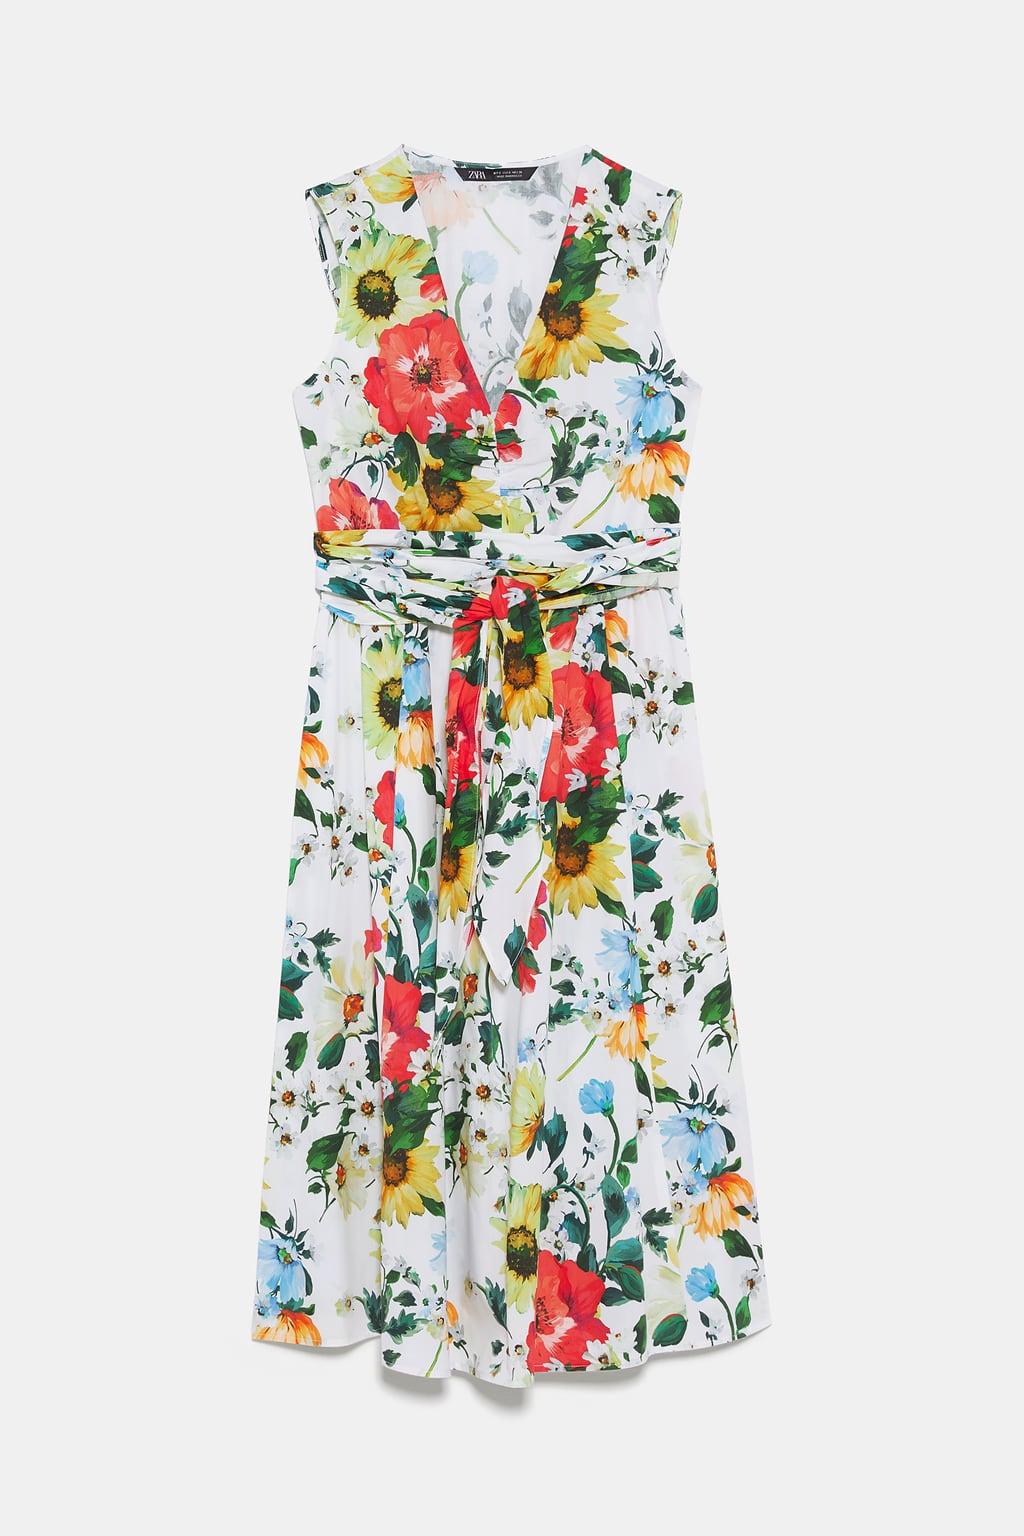 Available at: Zara